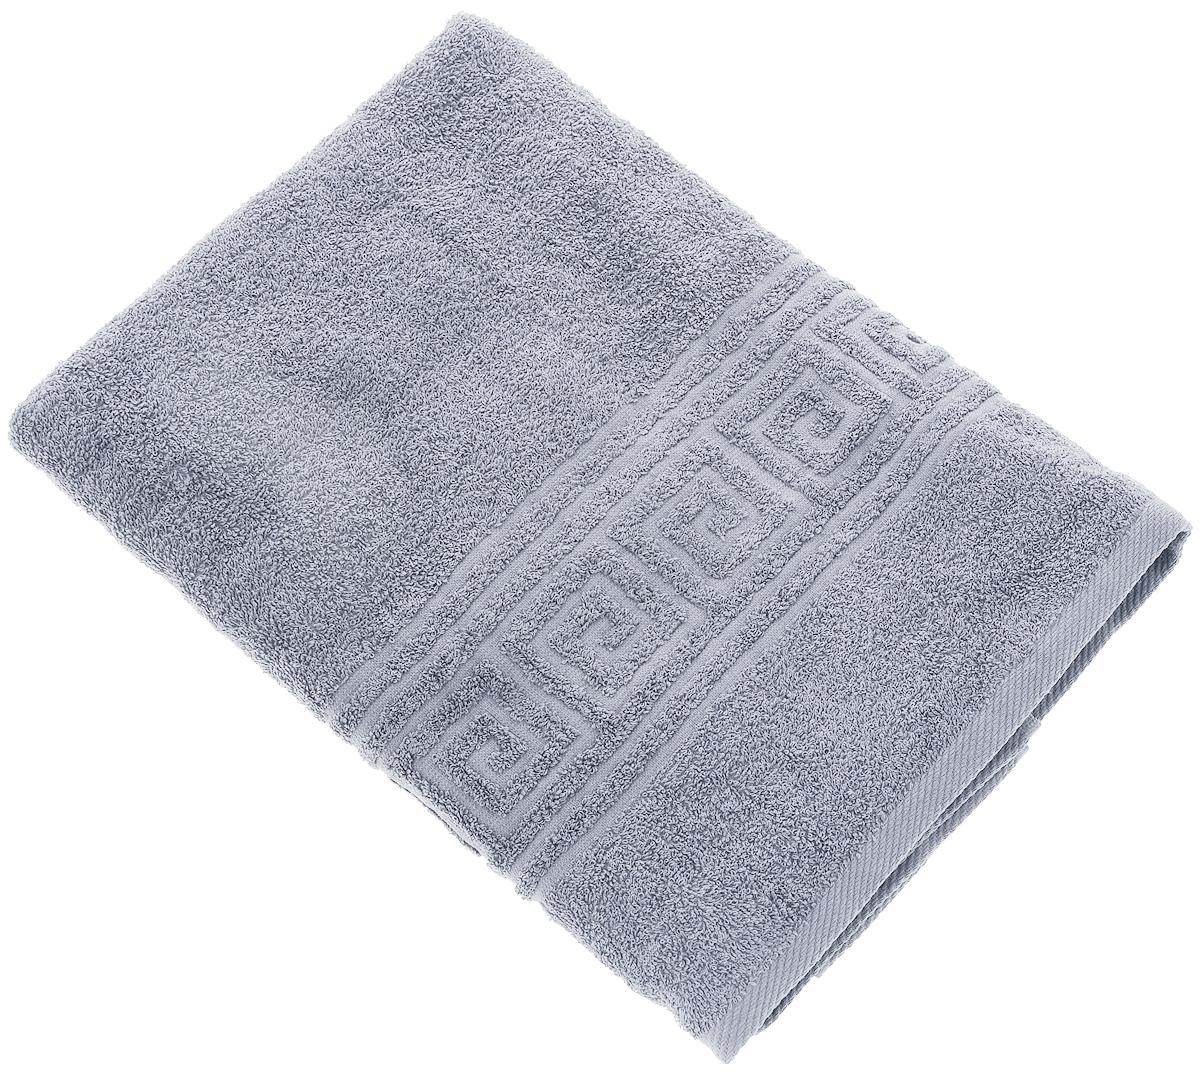 Полотенце Вышневолоцкий текстиль, цвет: серый, 90 х 50 см. 1373613736Махровое полотенце Вышневолоцкий текстиль выполнено из 100% хлопка. Изделие отлично впитывает влагу, быстро сохнет, сохраняет яркость цвета и не теряет форму даже после многократных стирок. Такое полотенце очень практично и неприхотливо в уходе. Оно украсит интерьер в ванной комнате, а также подарит ощущение заботливой нежности и удивительного комфорта. Рекомендуется стирка при температуре 60°C.